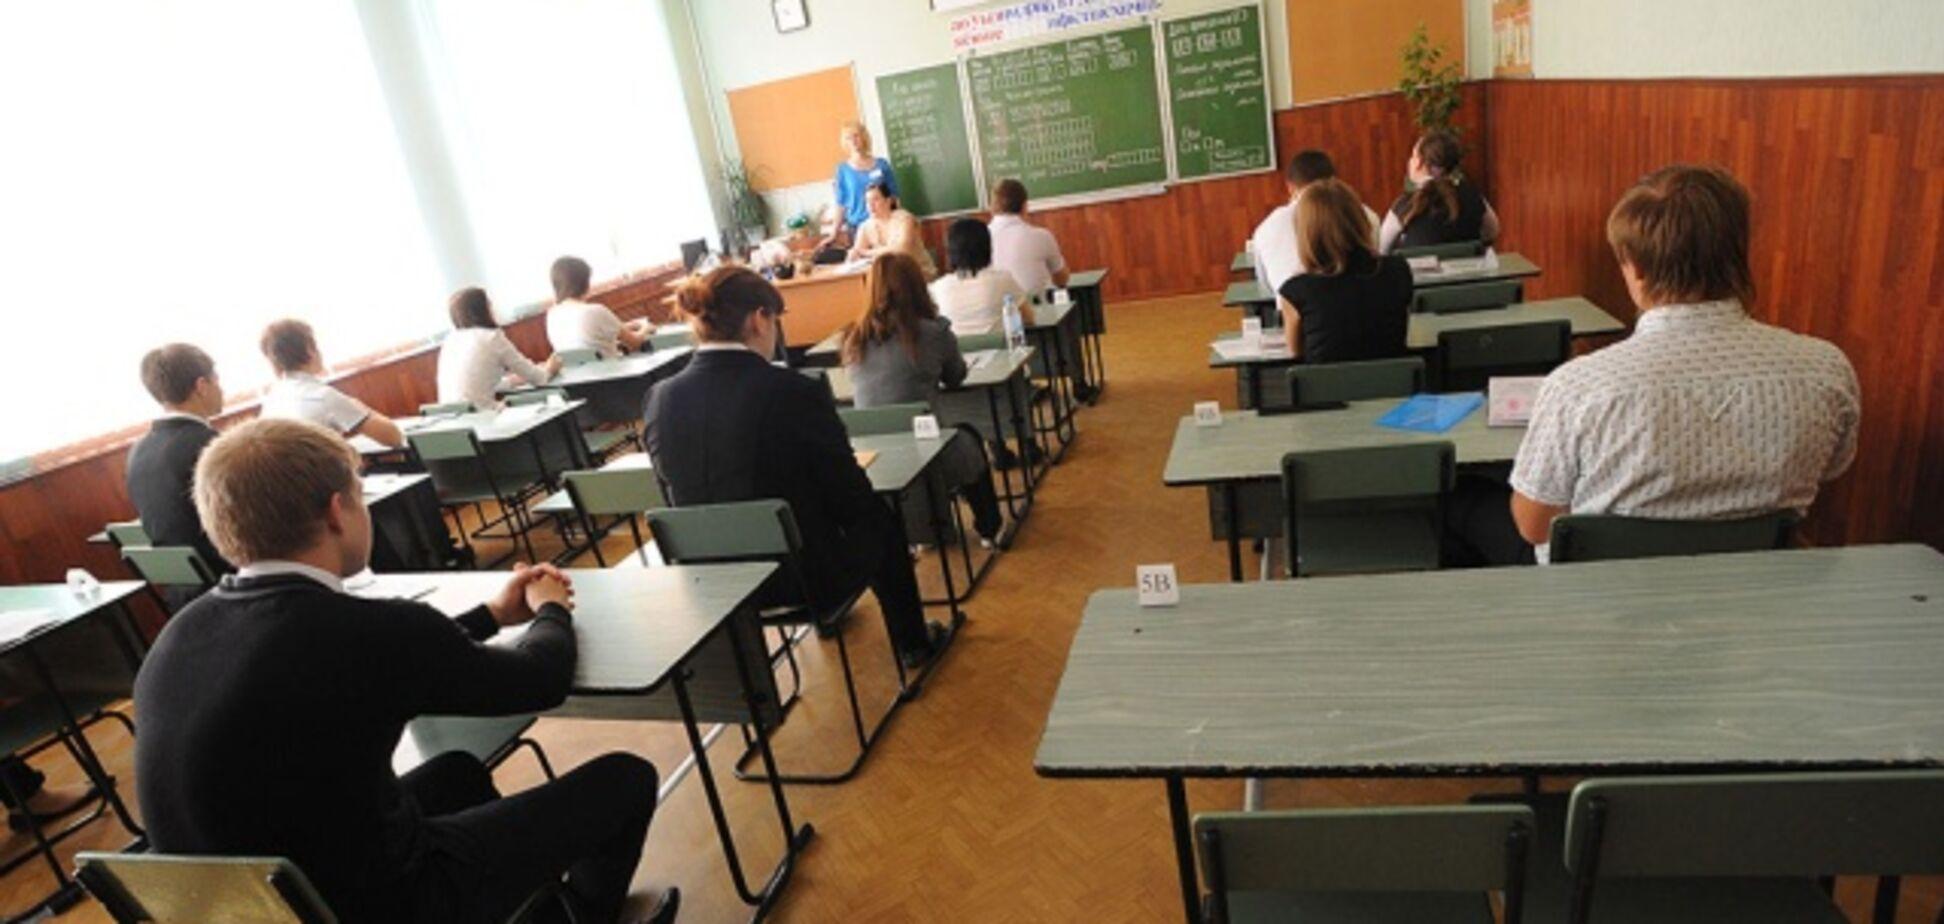 В Украине анонсировали массовые сокращения учителей